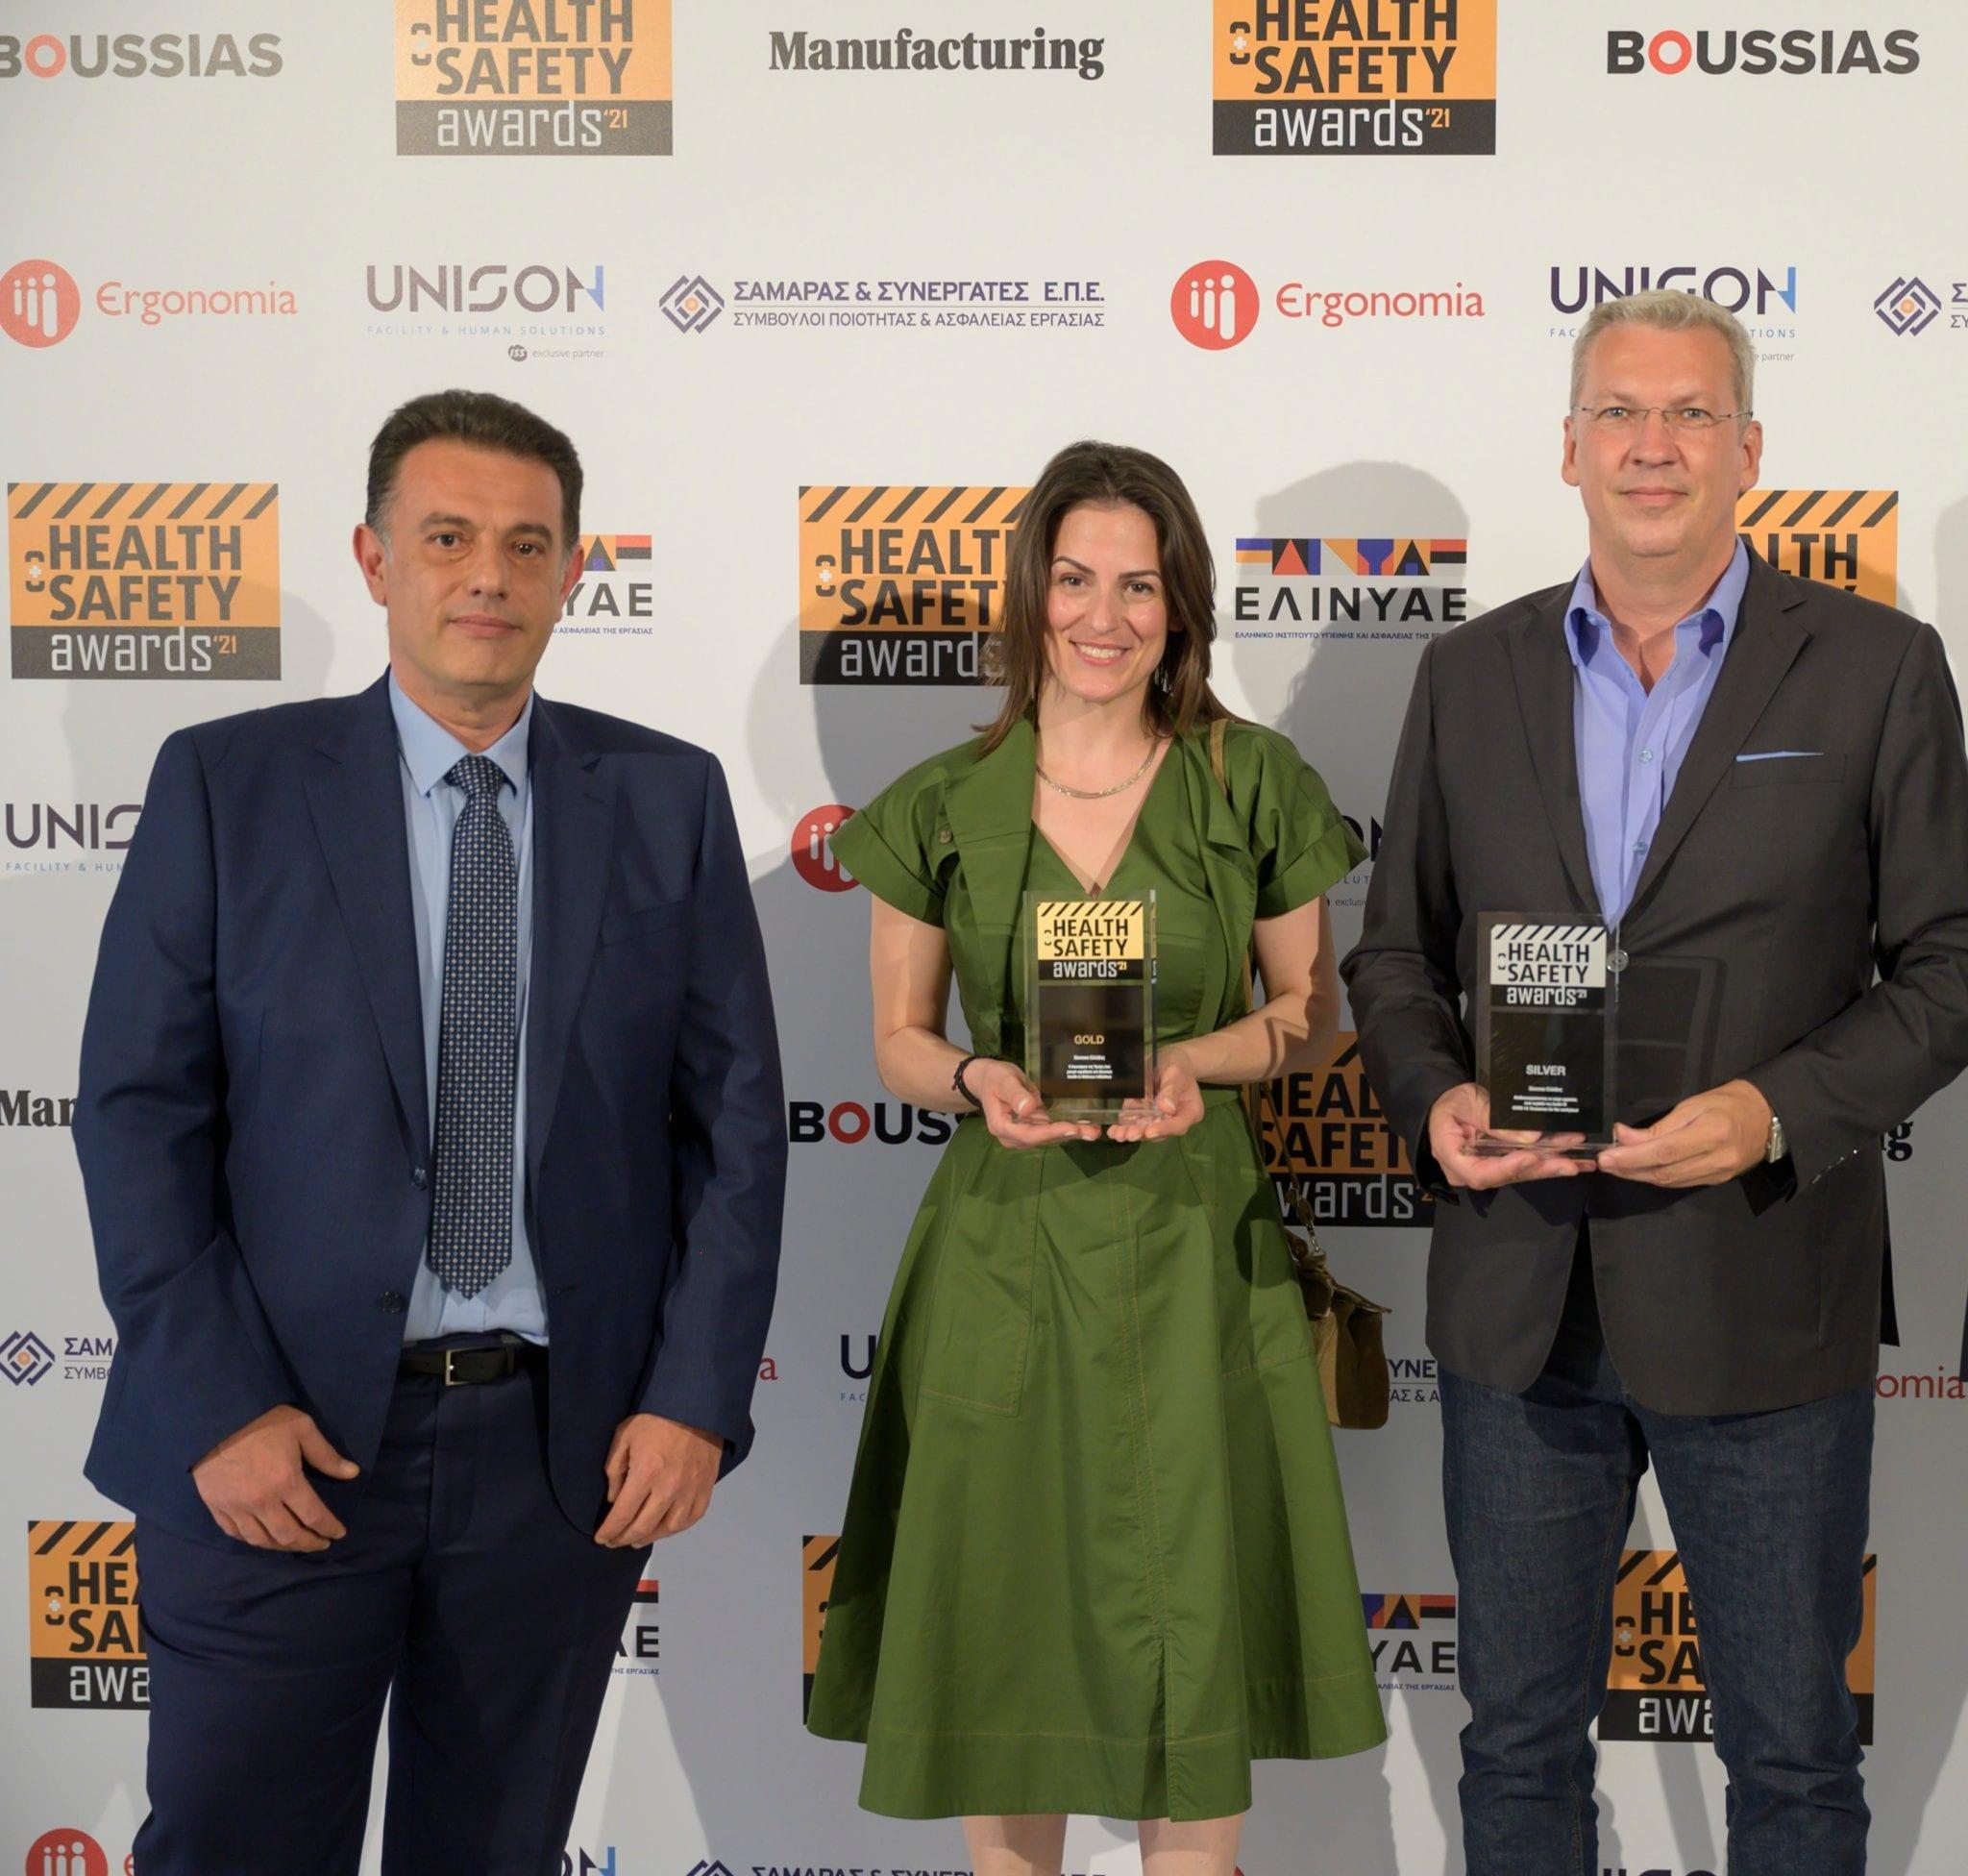 Η βράβευση της SIEMENS στα Health & Safety Awards